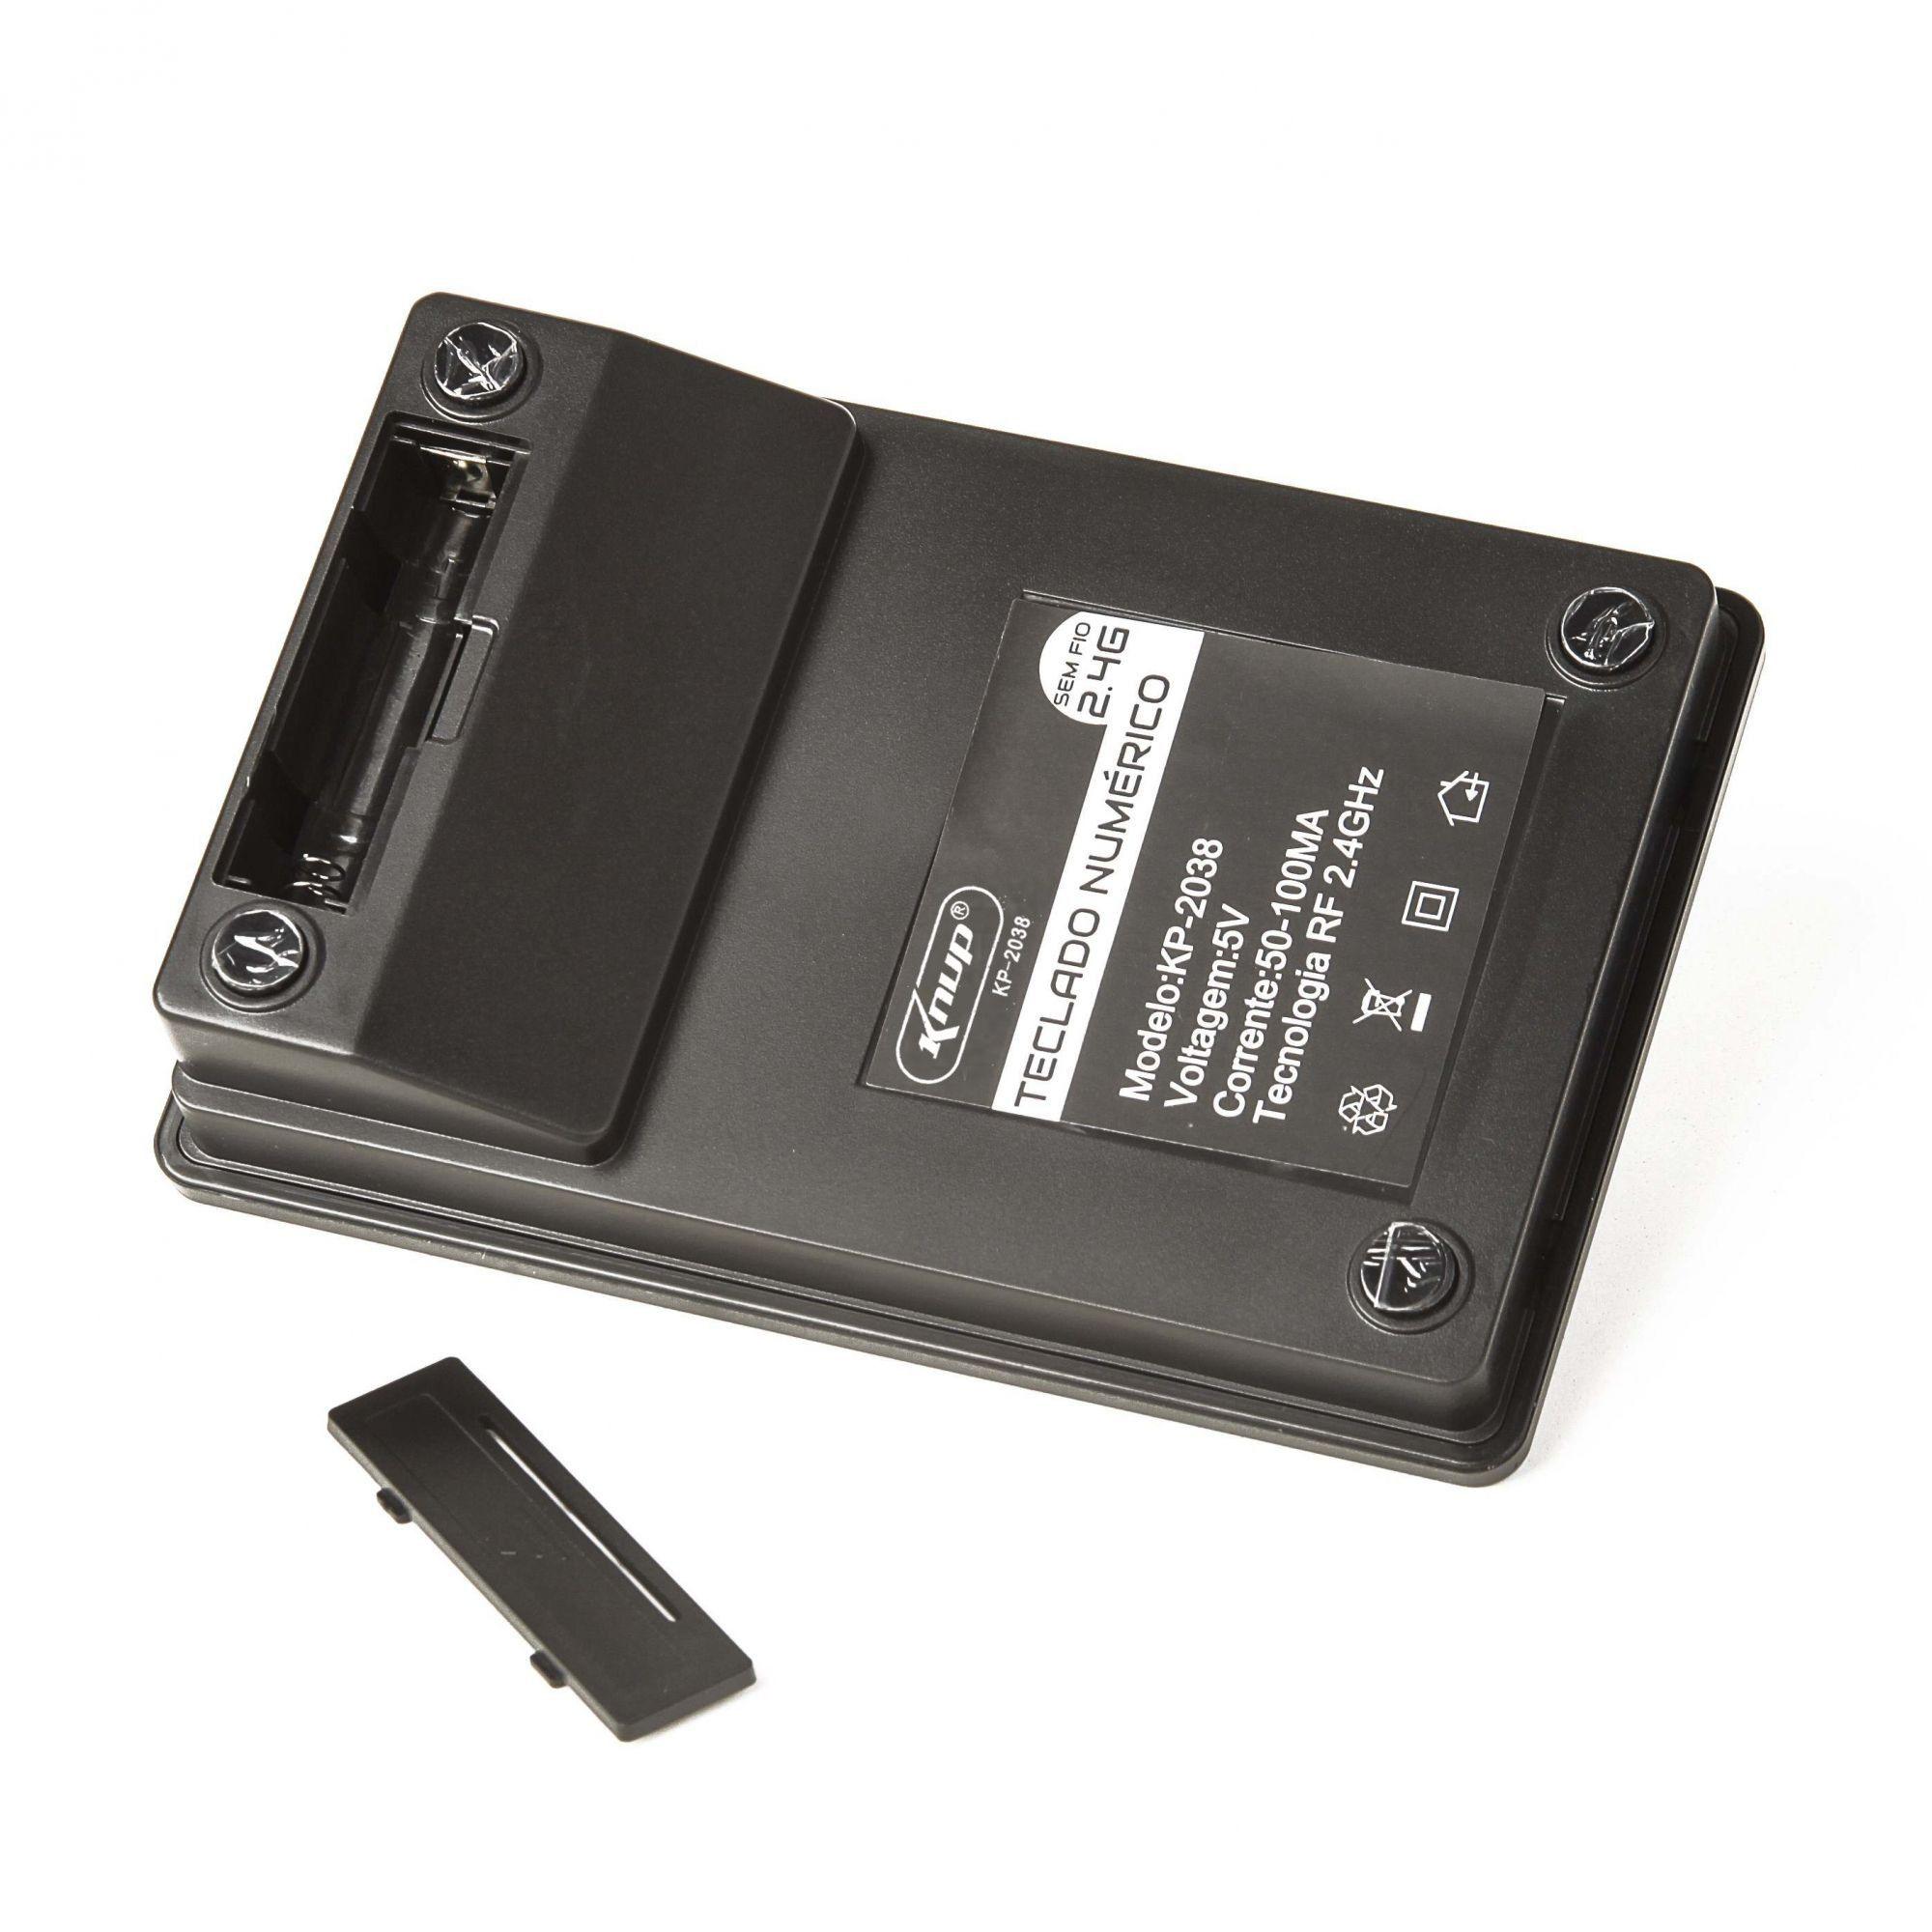 21 Teclado Numérico Wireless 2.4 Knup KP-2038